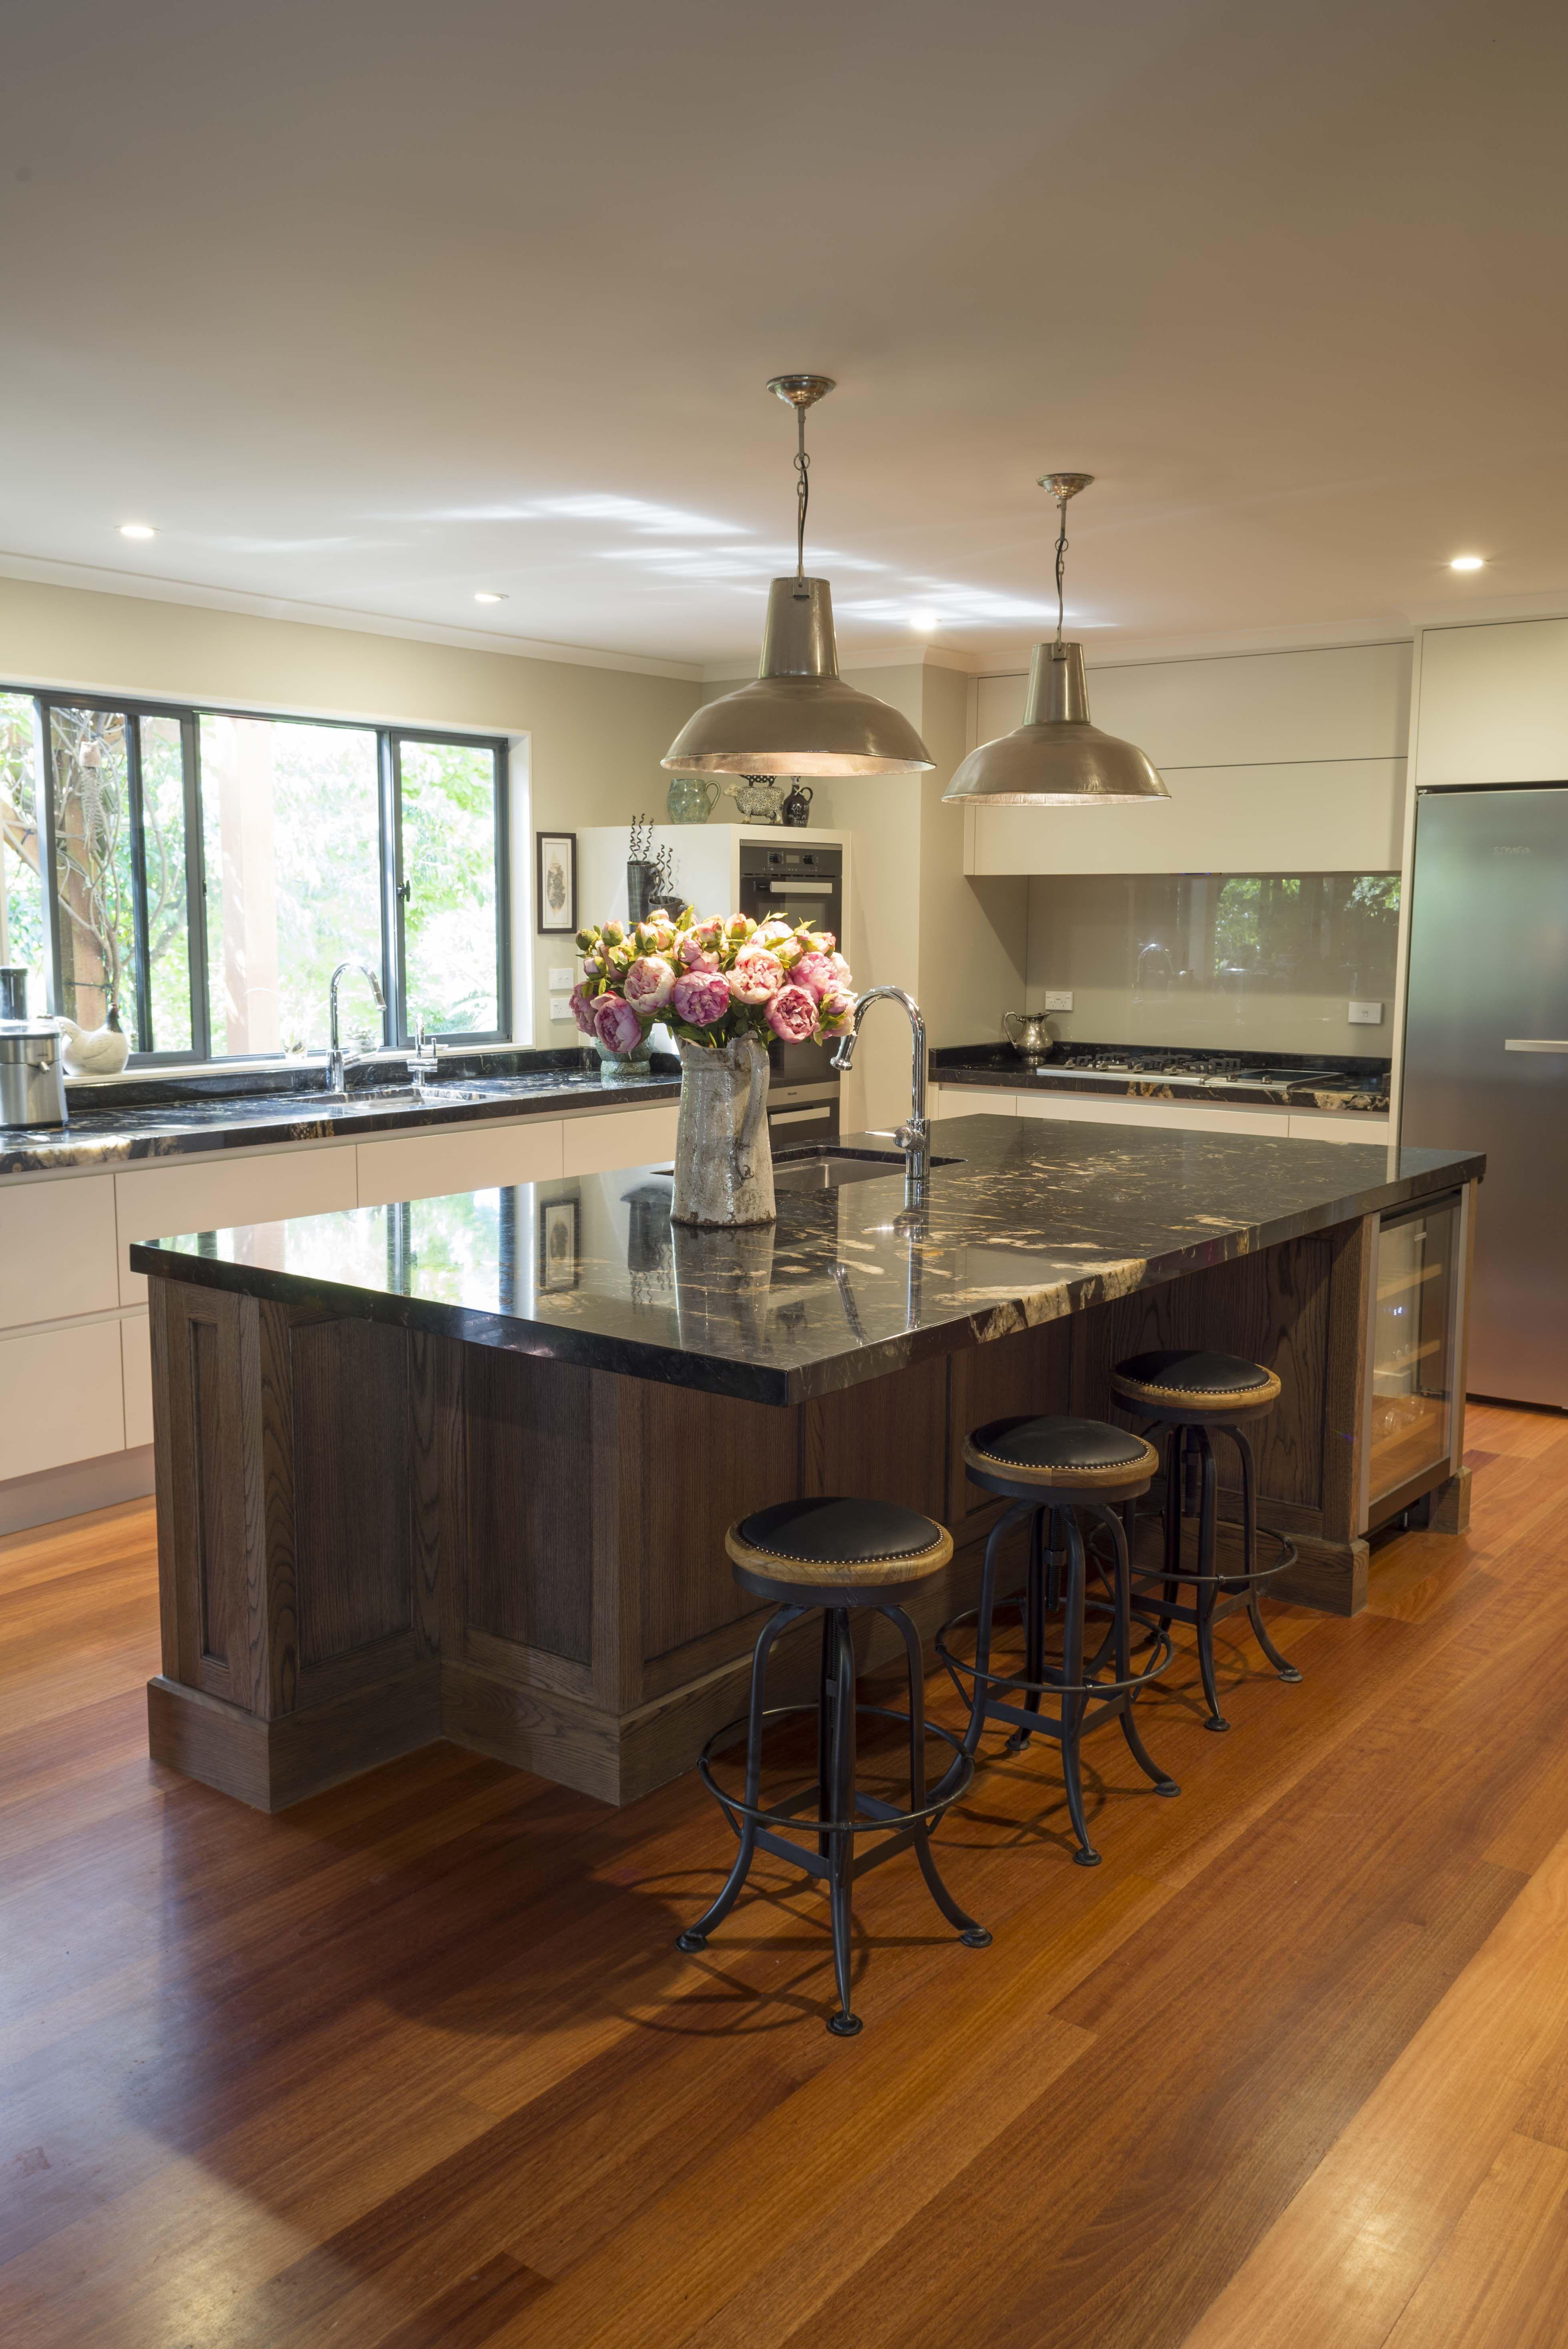 kitchen kitchenlayout renovation upgrade islandbench ...